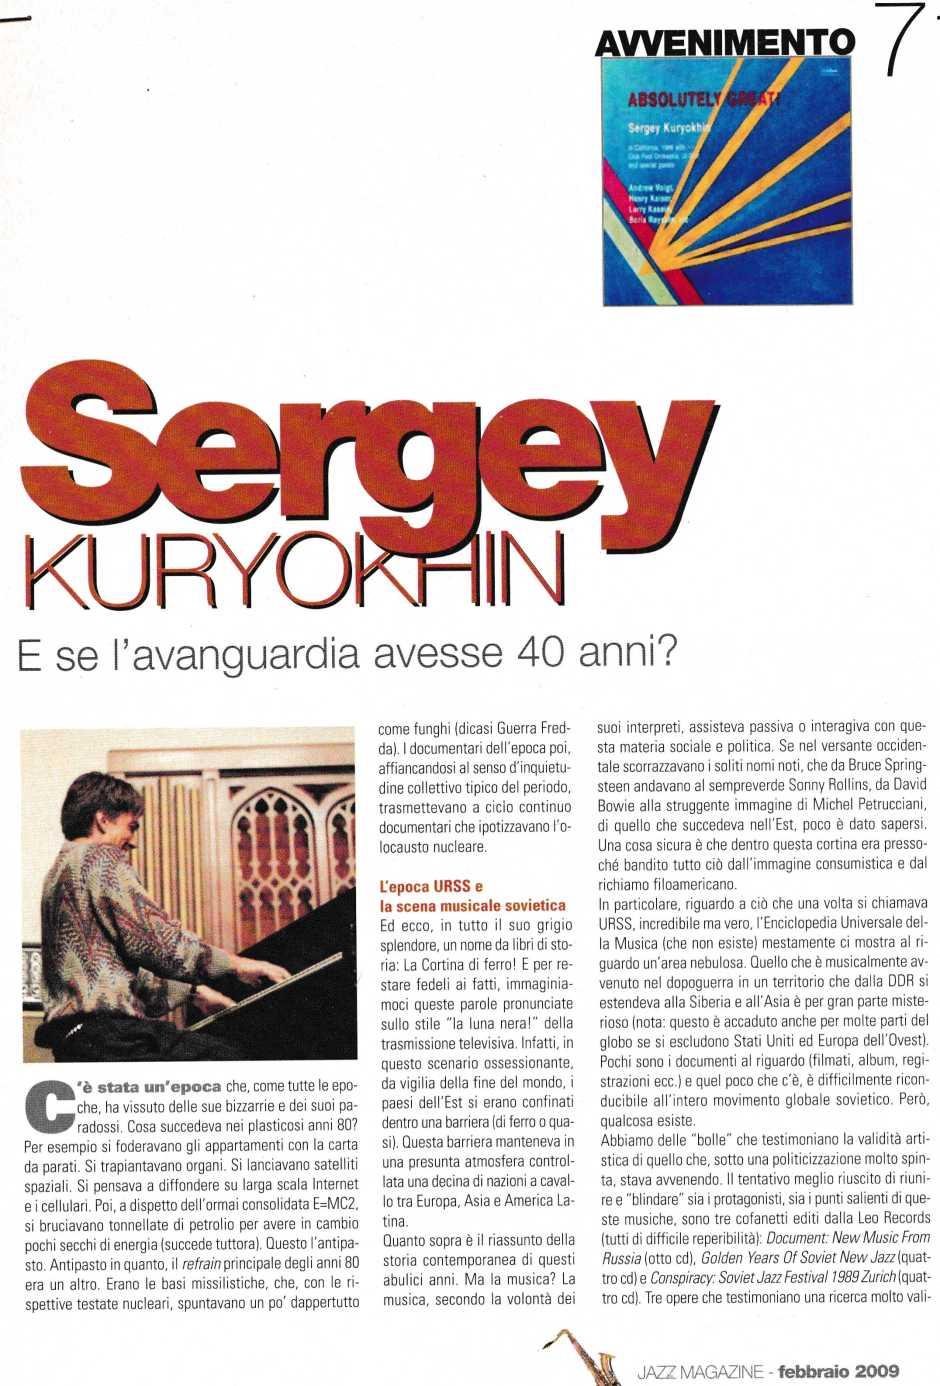 kuryokin4055